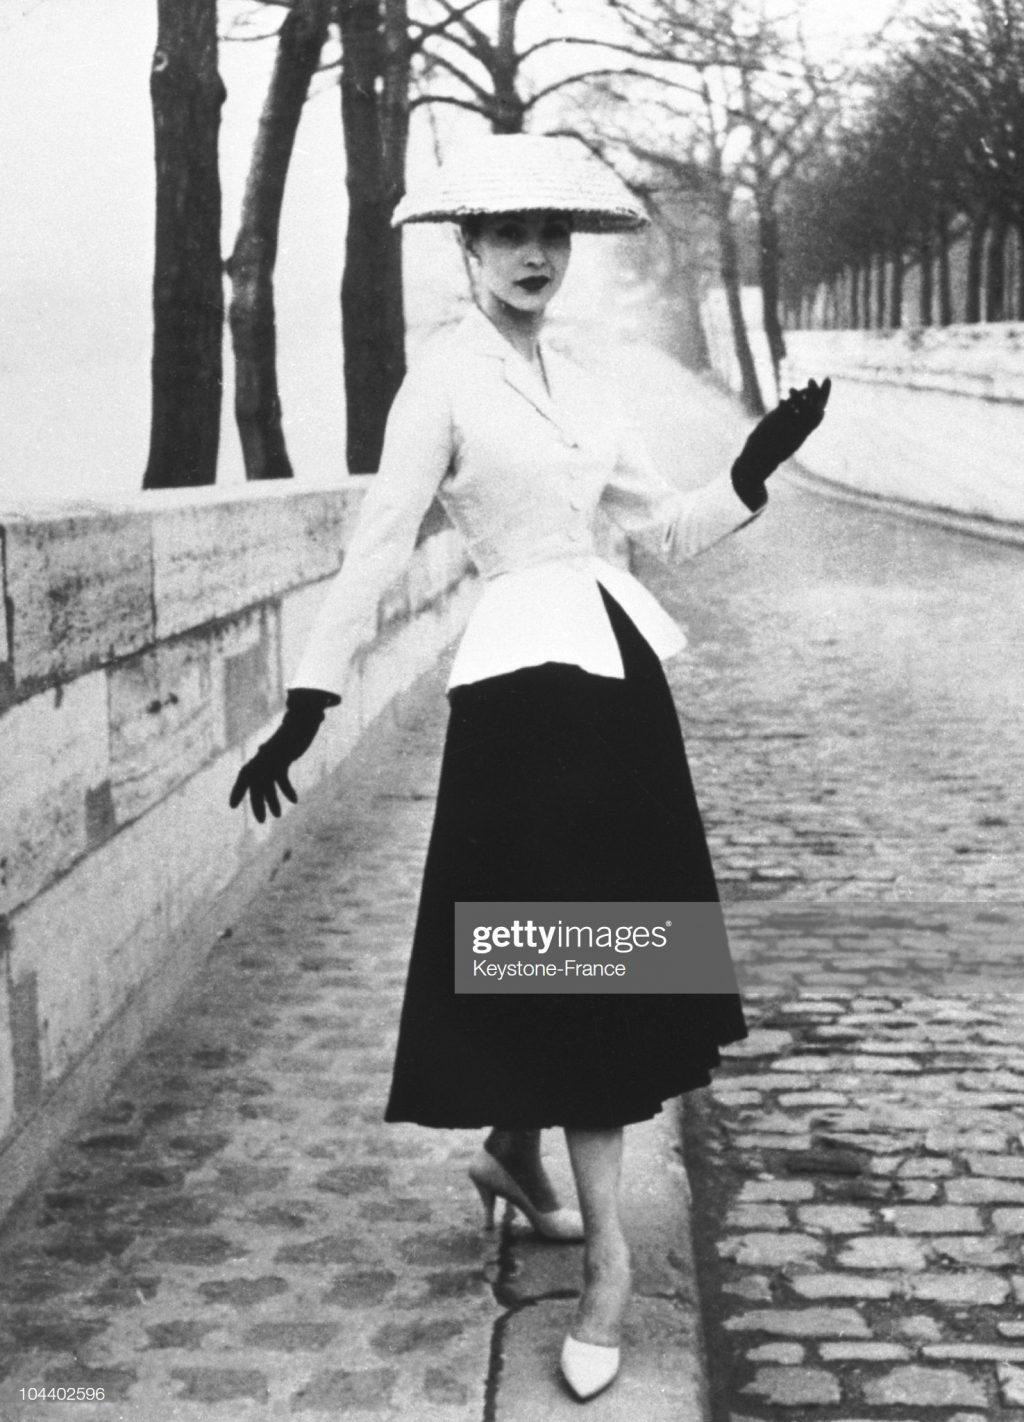 bộ trang phục nổi tiếng thuộc bộ sưu tập New Look của Dior vintage năm 1947